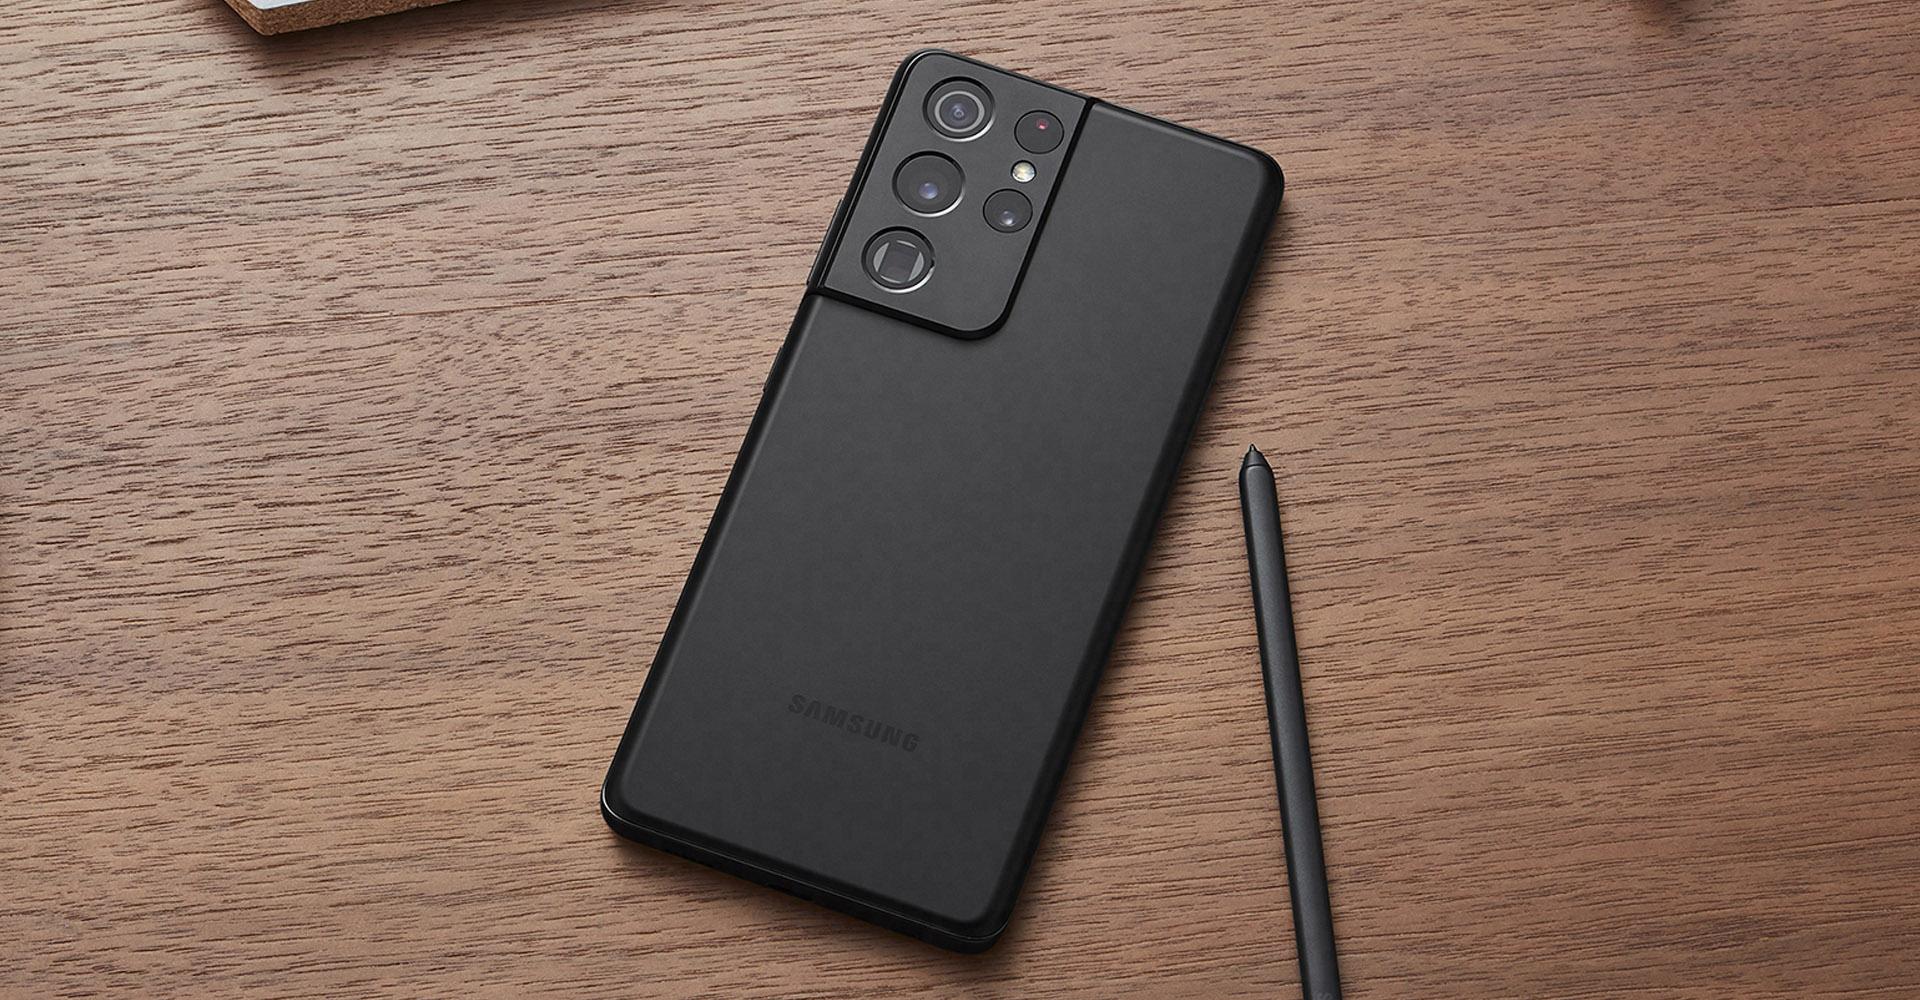 Samsung Galaxy S21 Ultra auf Holztisch mit S Pen